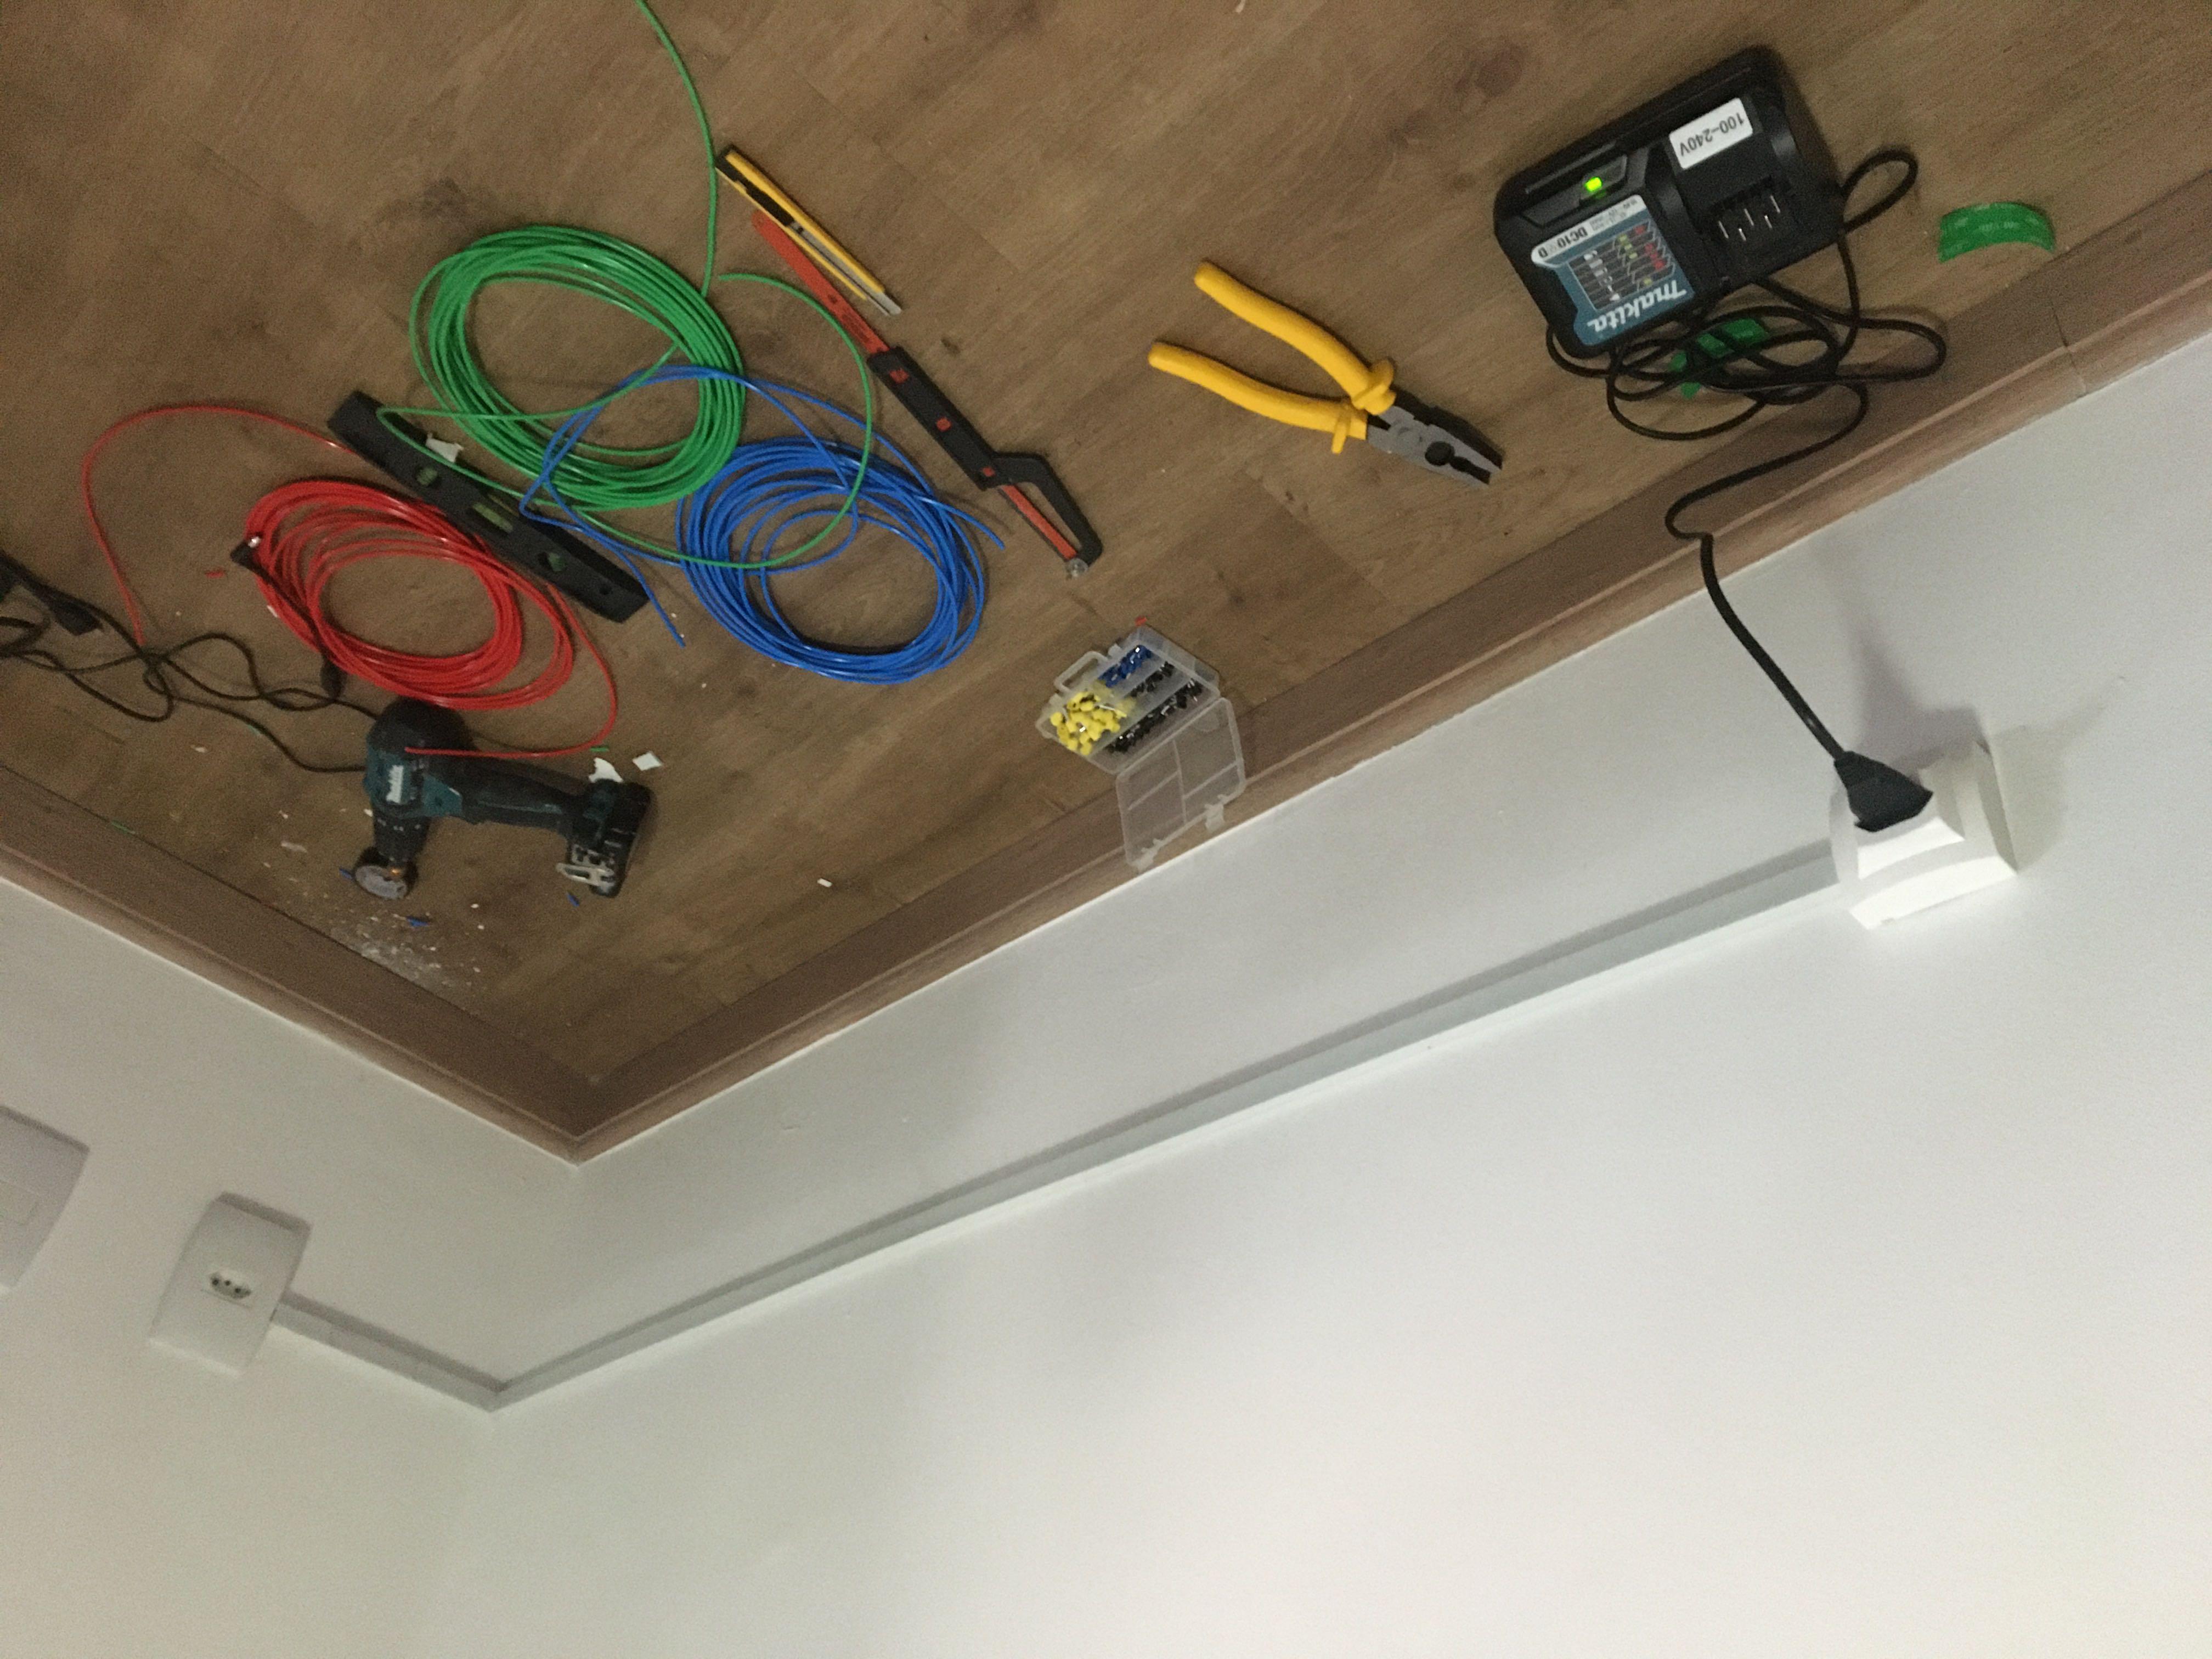 Instalação de canaletas acrescentando uma tomada